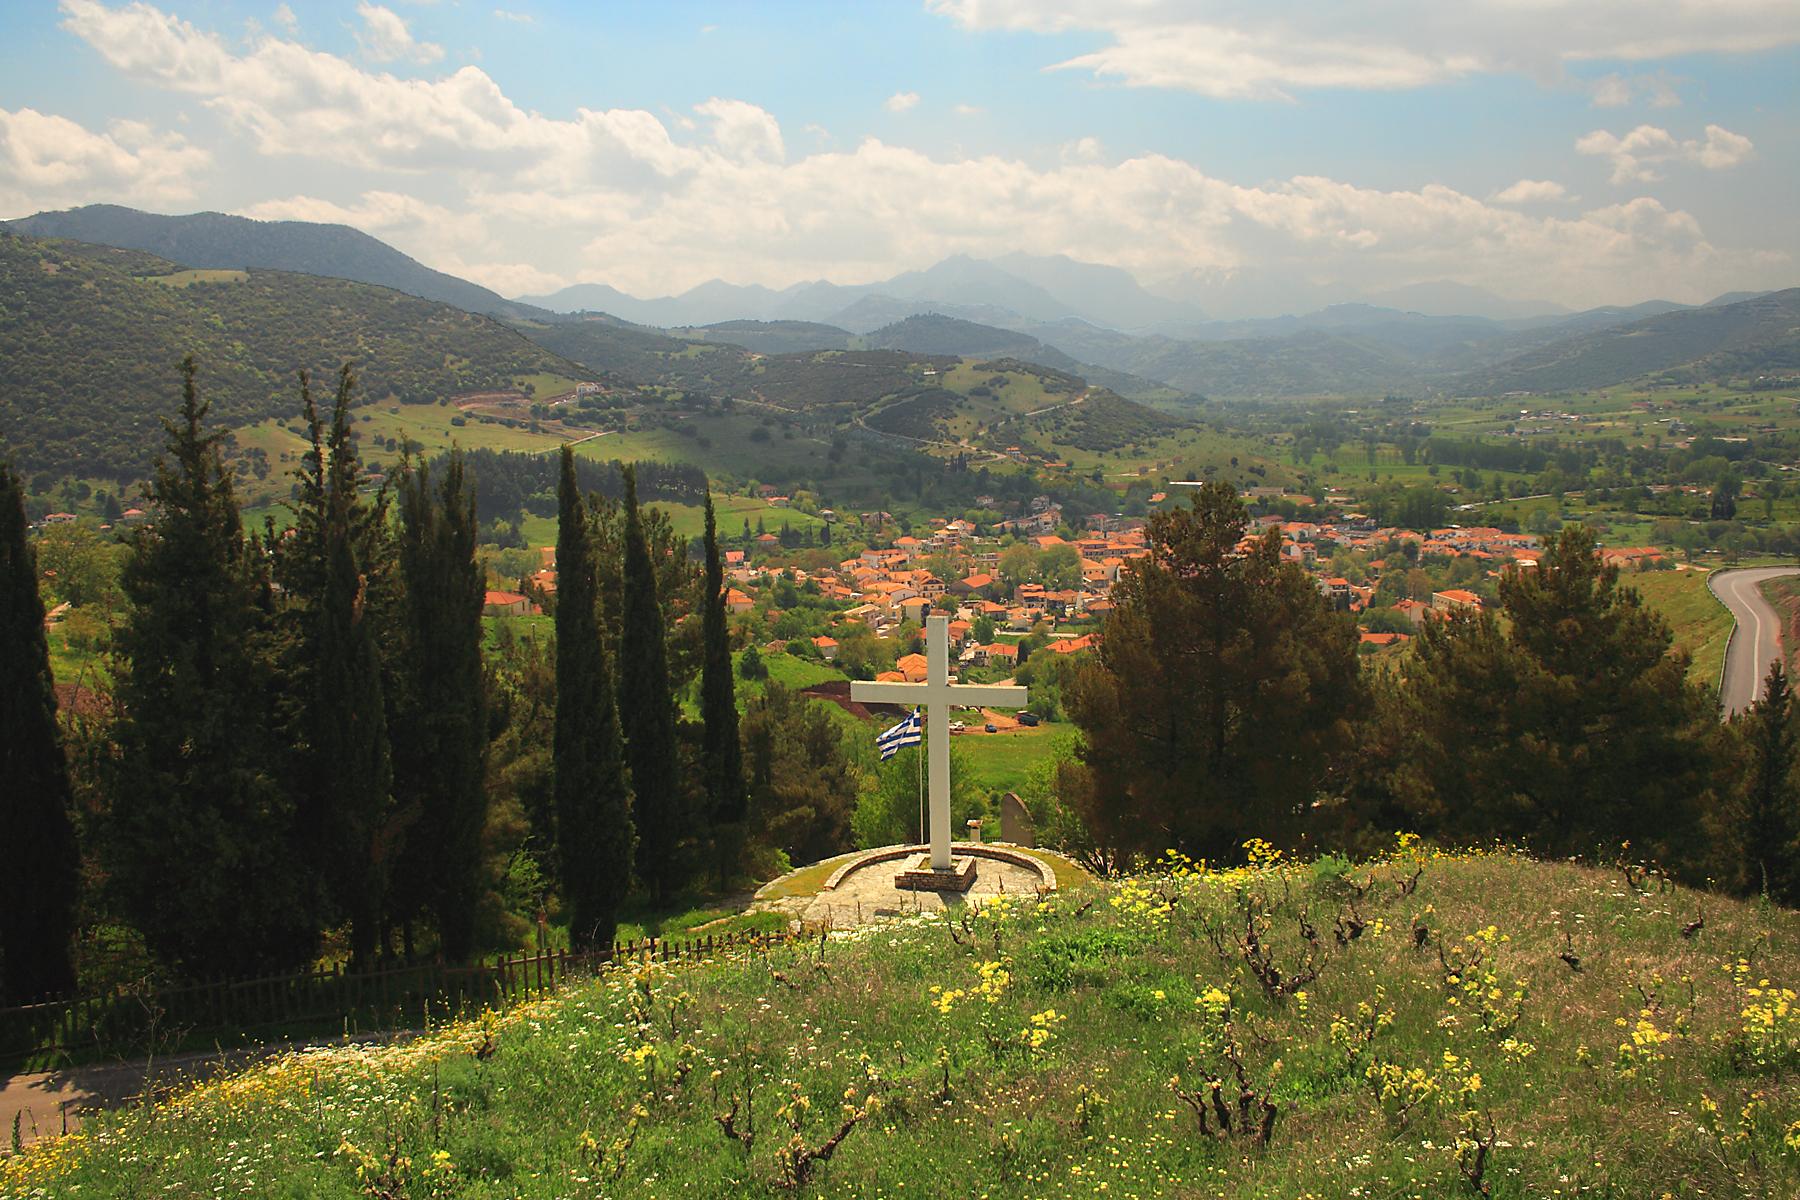 Крест на месте расстрела населения города Калаврита 1943 г. (Резня в Калаврите)